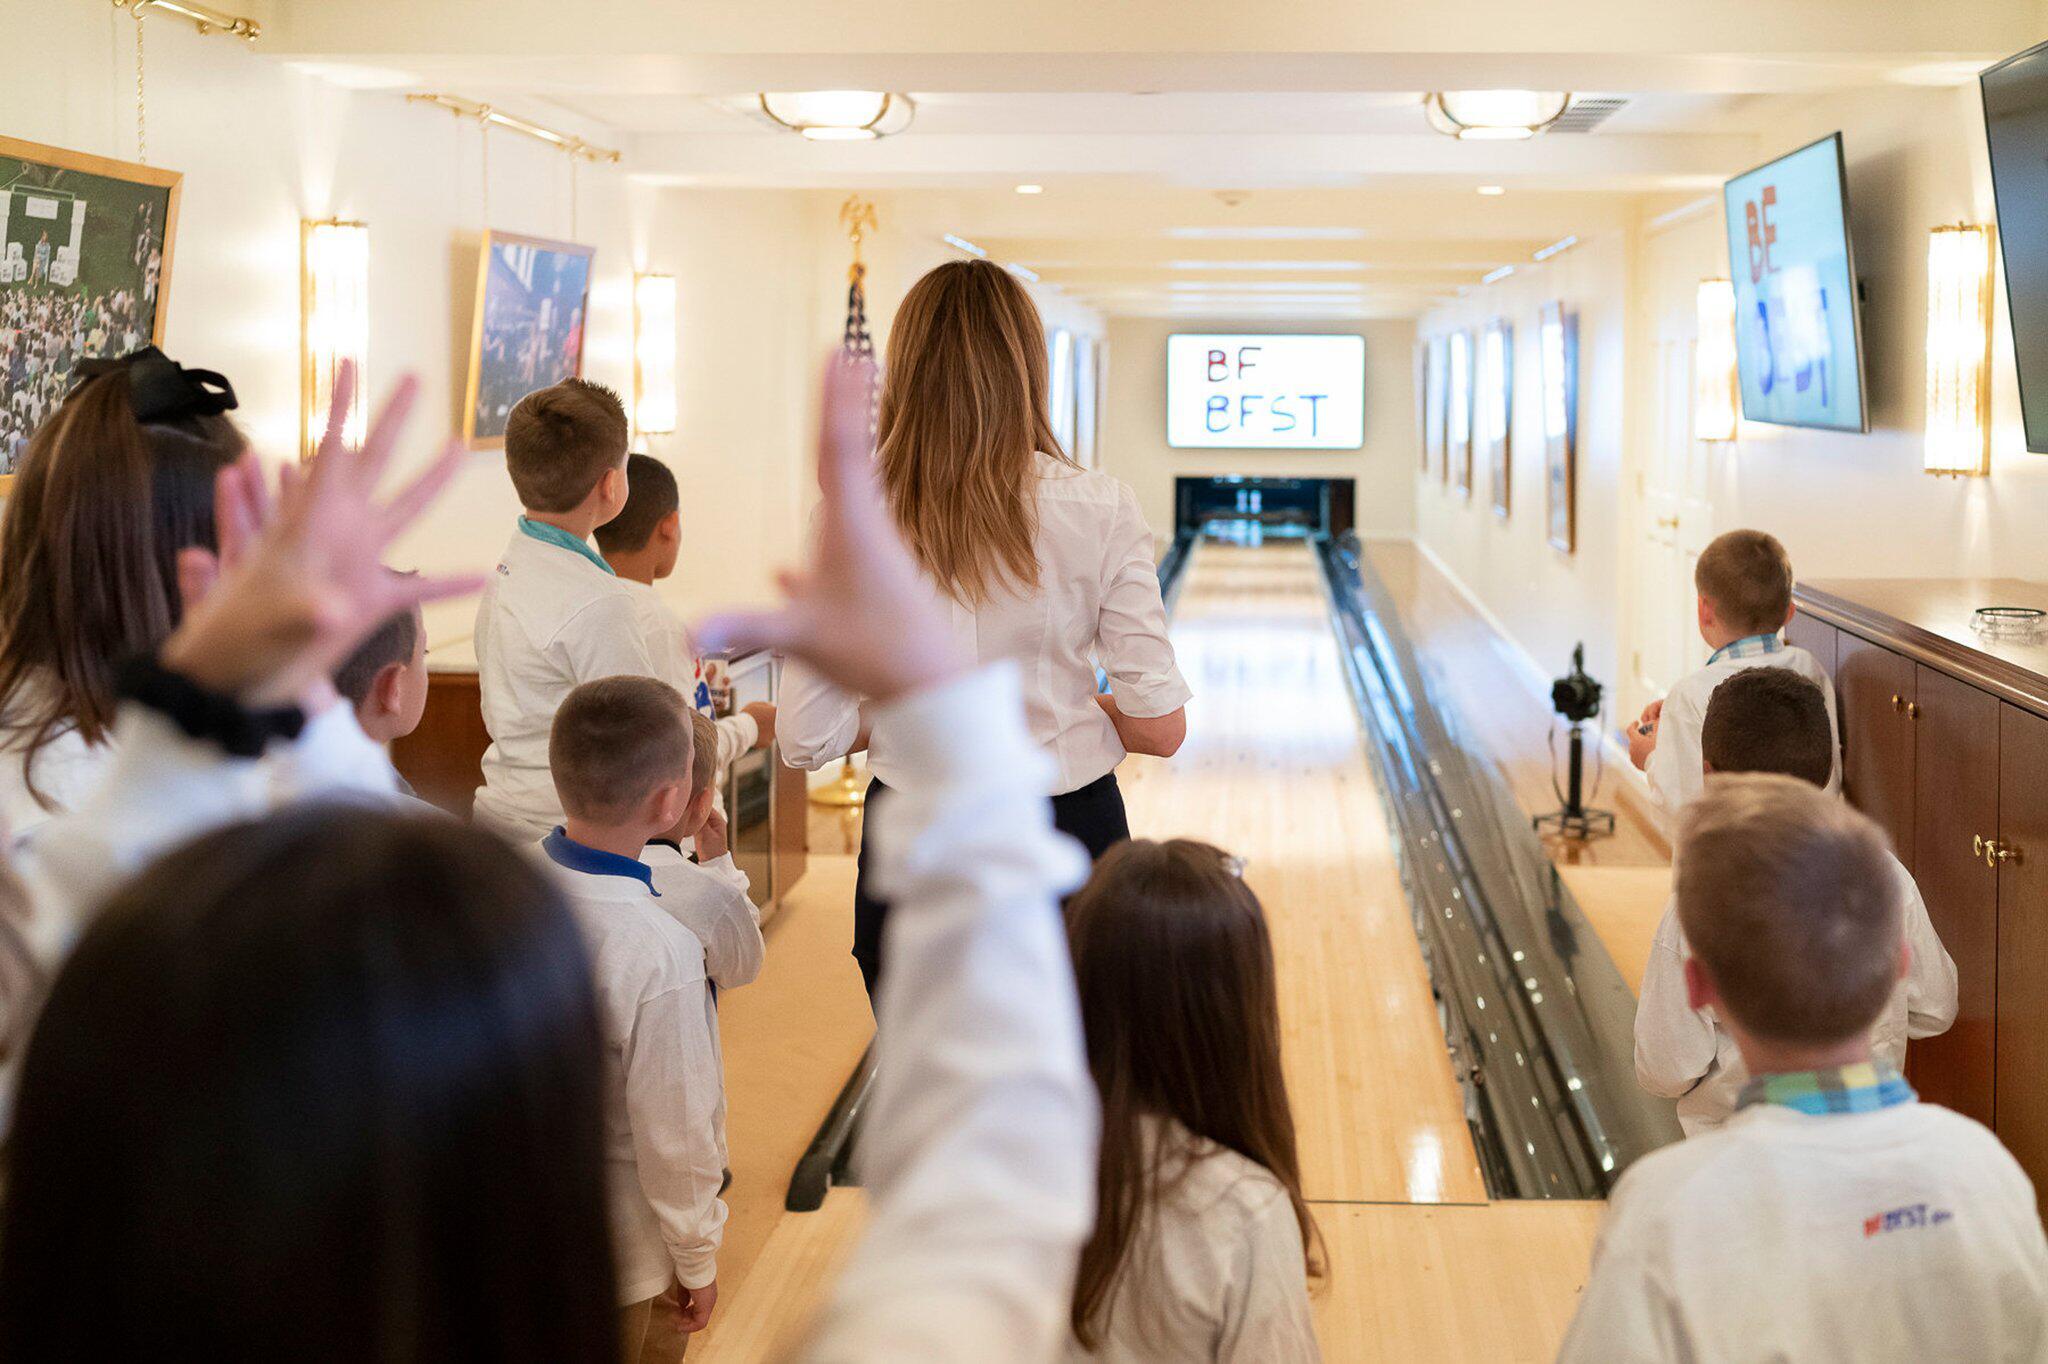 Bild zu Bowlingbahn im Weißen Haus renoviert